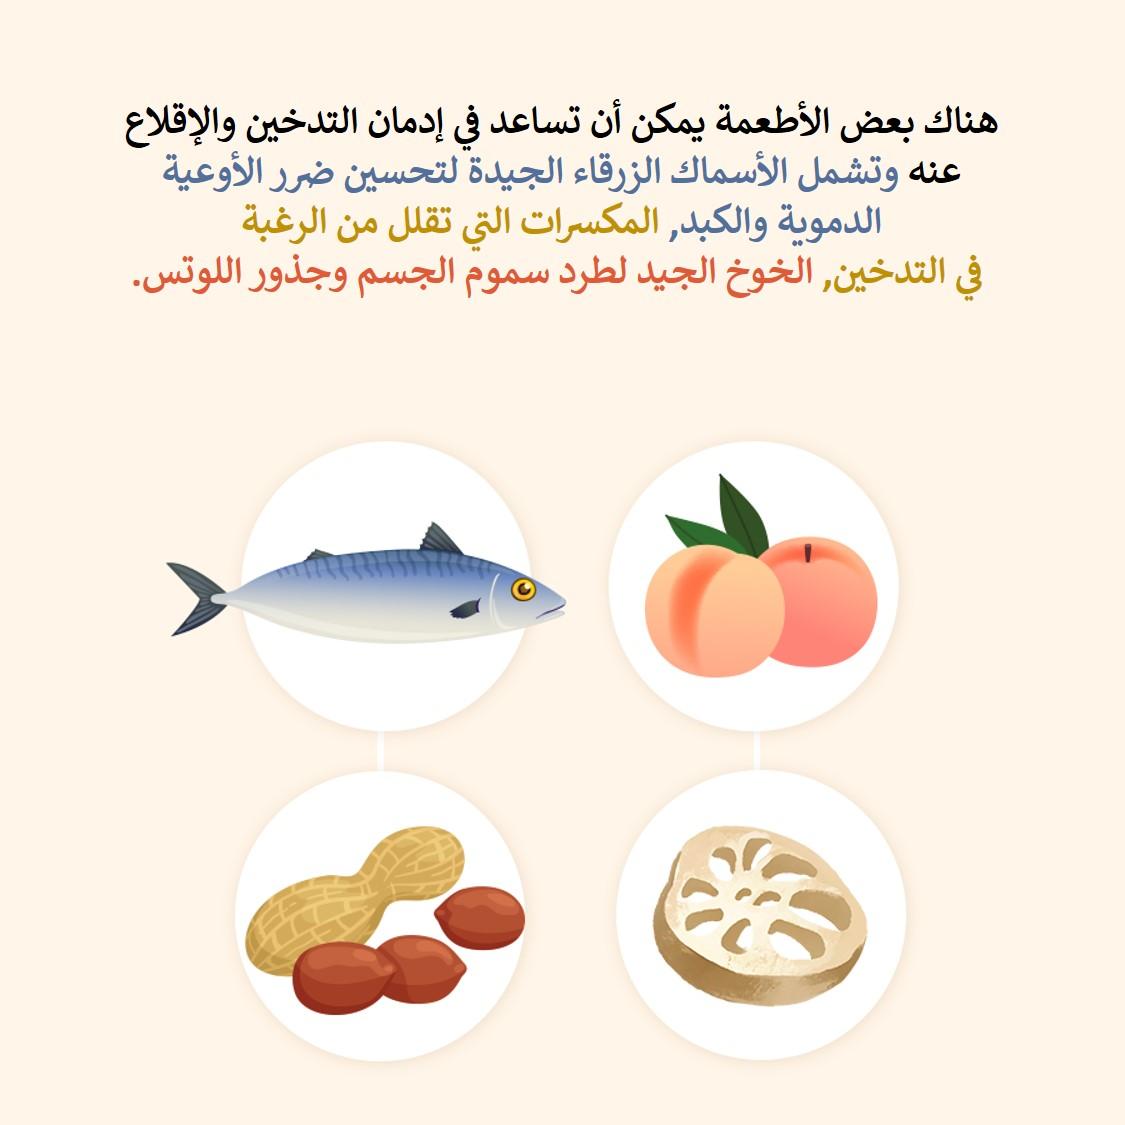 الأطعمة يمكن أن تساعد في مشكلة إدمان التدخين والإقلاع عنه